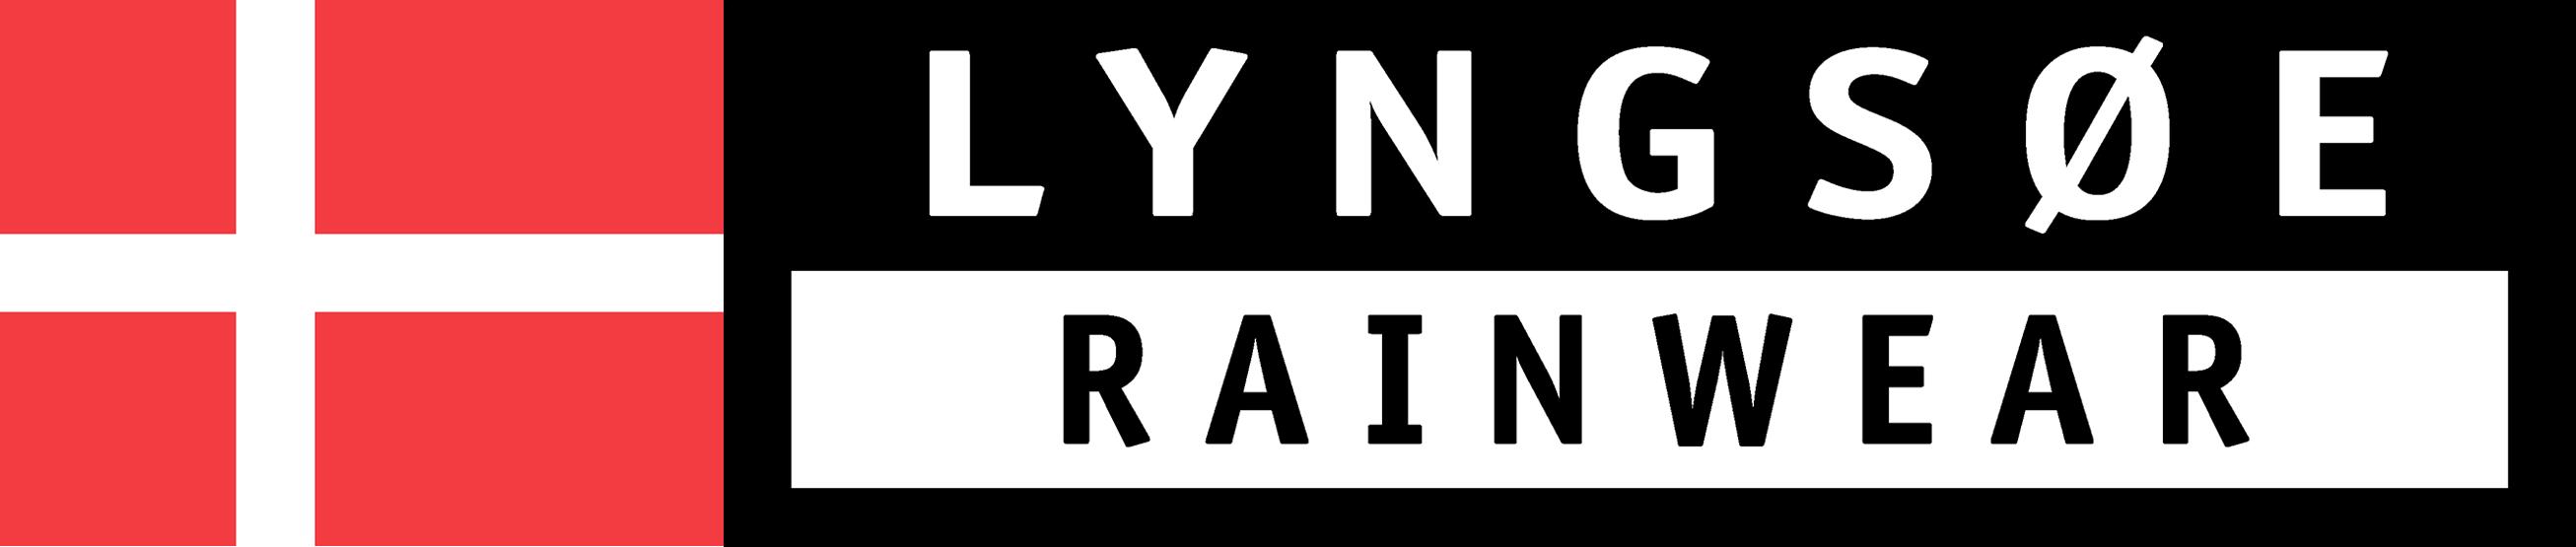 Lyngsoe-Rainwear-Logo